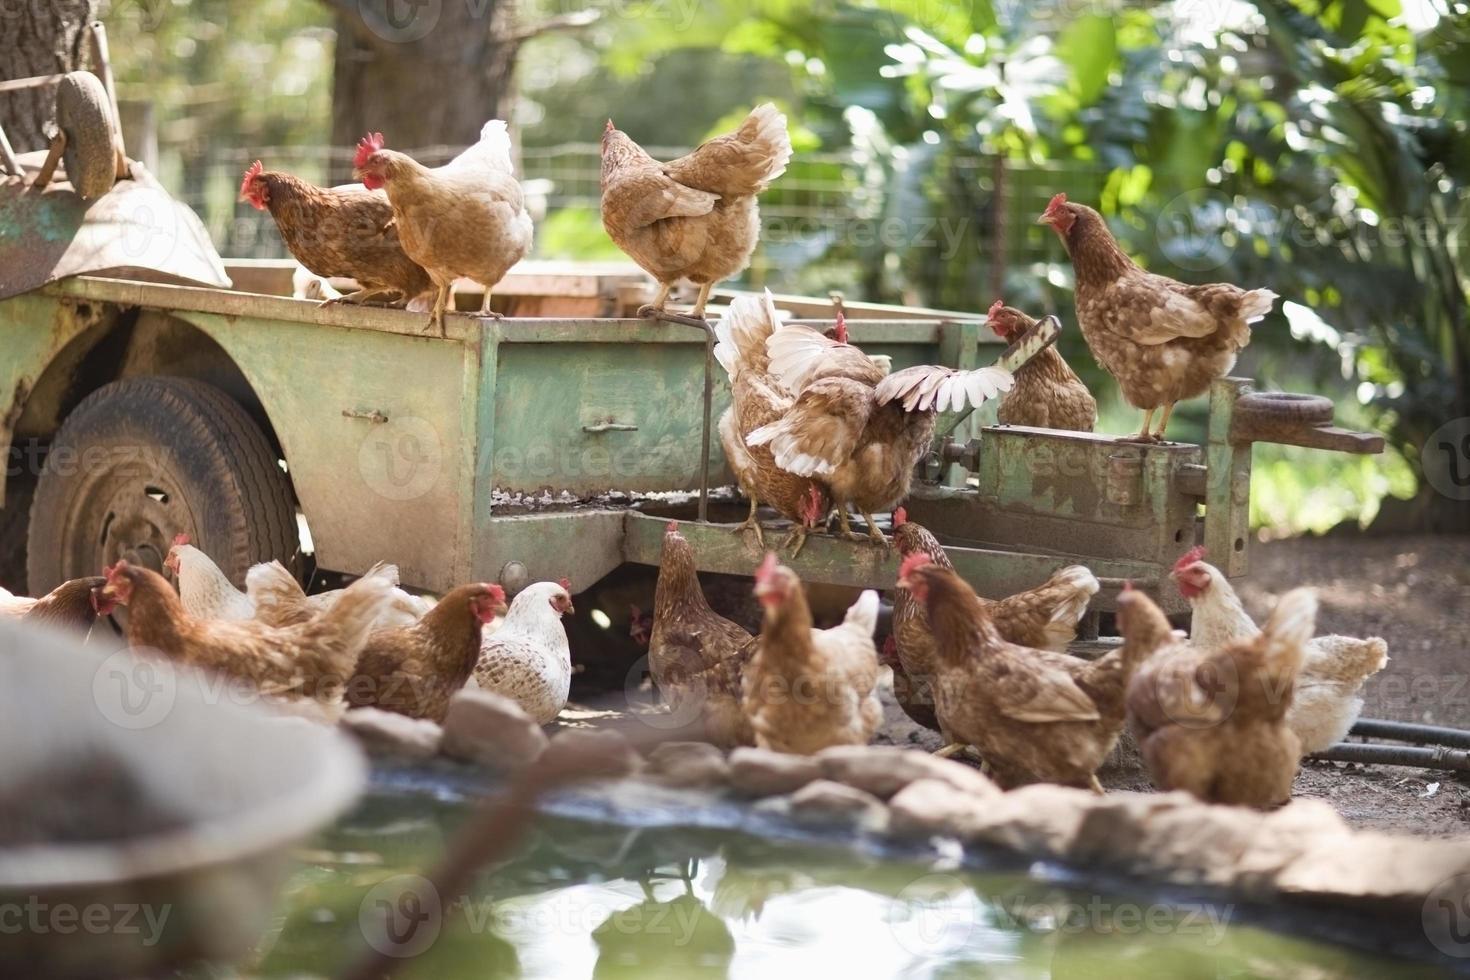 poulets sur camion dans la basse-cour photo